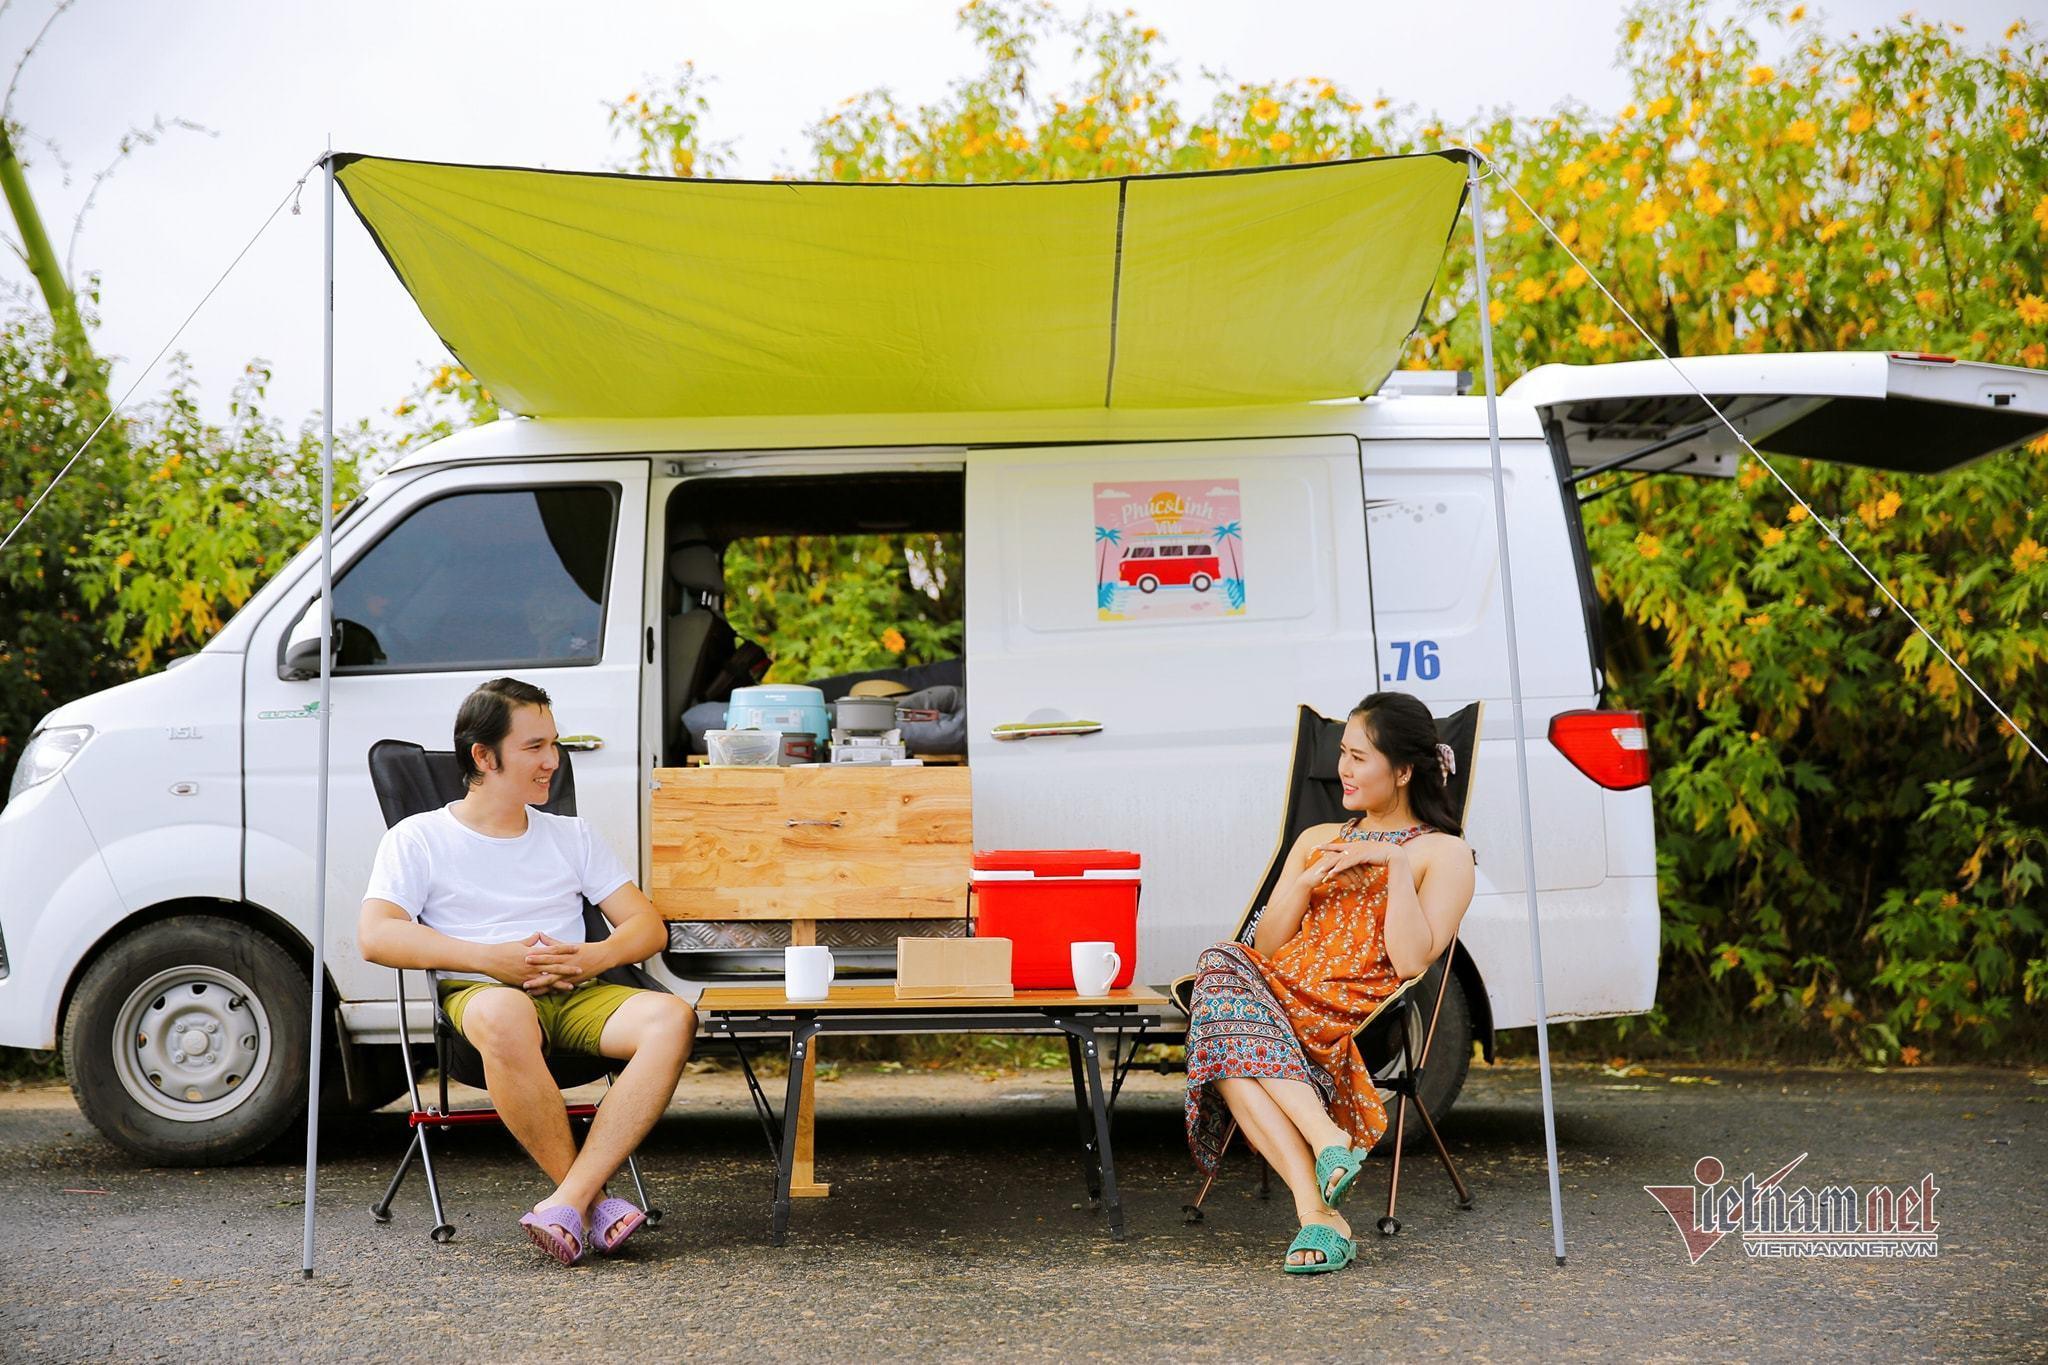 Vợ chồng 9X biến xe Van giá rẻ thành căn hộ di động đi muôn nơi